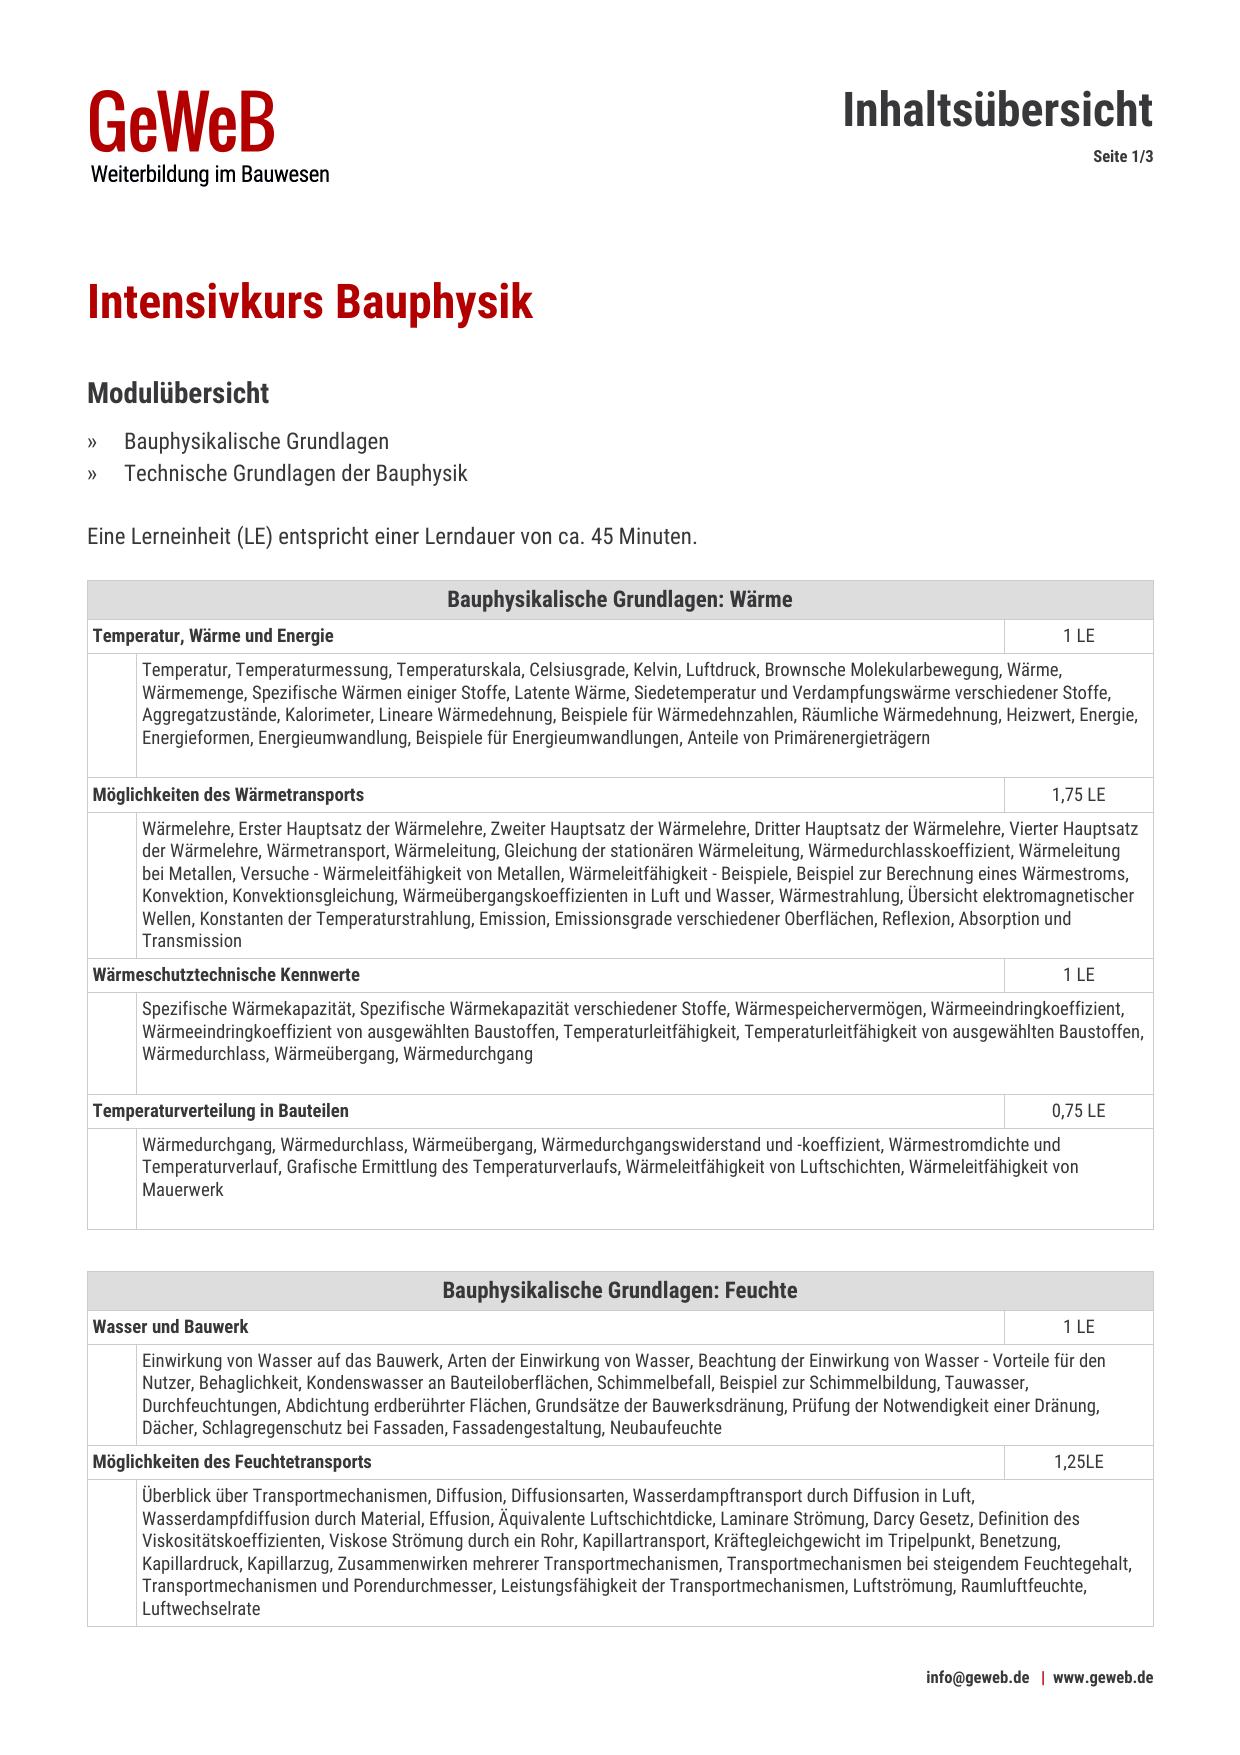 inhaltsbersicht intensivkurs bauphysik - Warmeleitung Beispiele